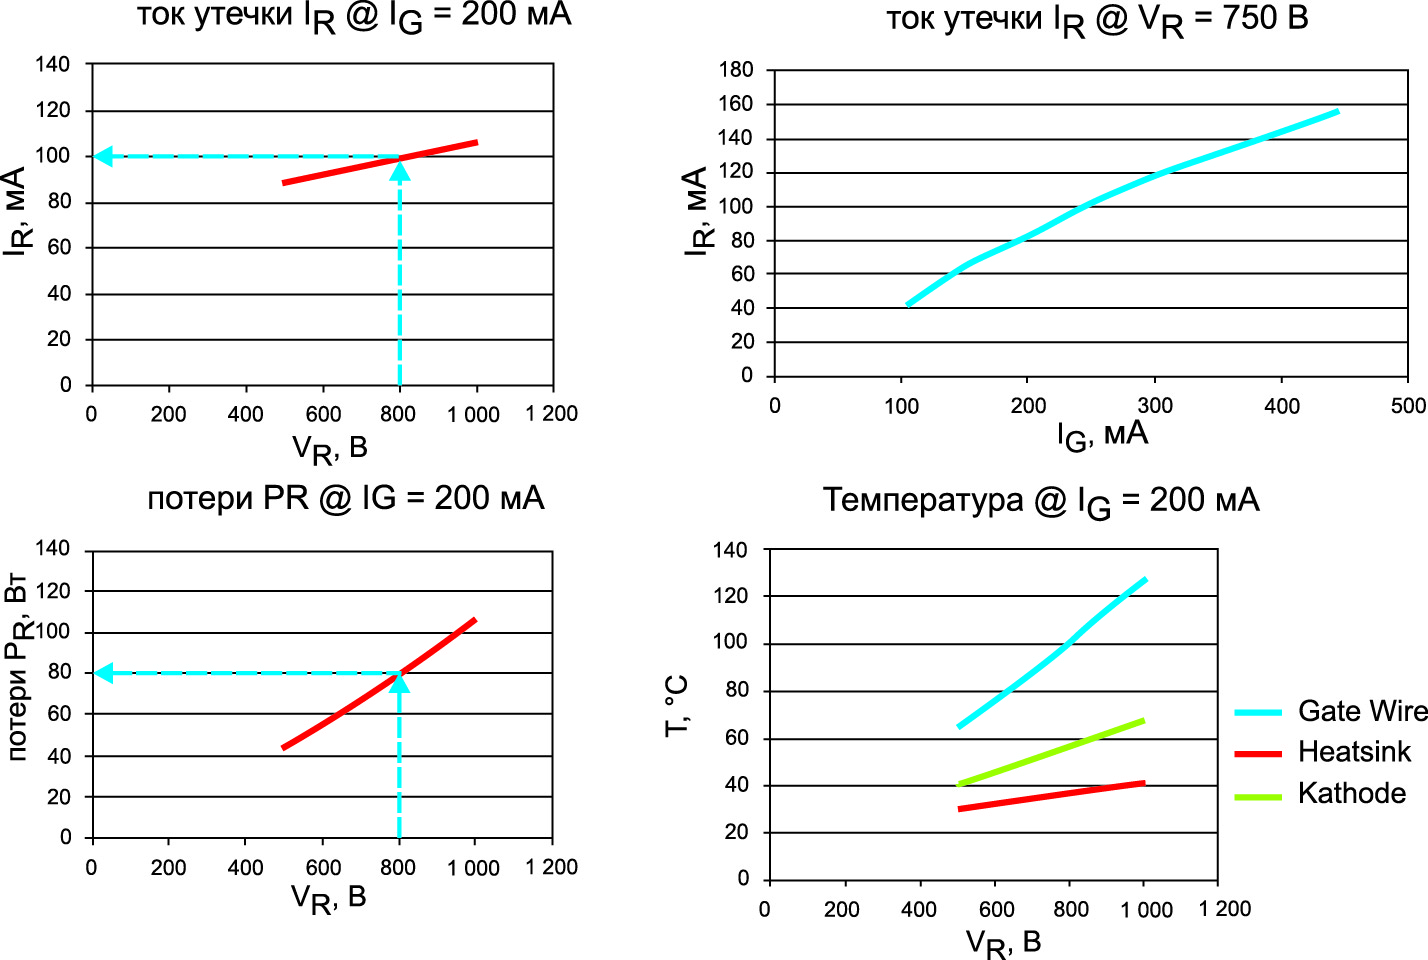 Ток утечки IR при наличии обратного напряжения VR = 800 В и тока затвора IG = 200 мА (тиристор 1600 В/50 А)